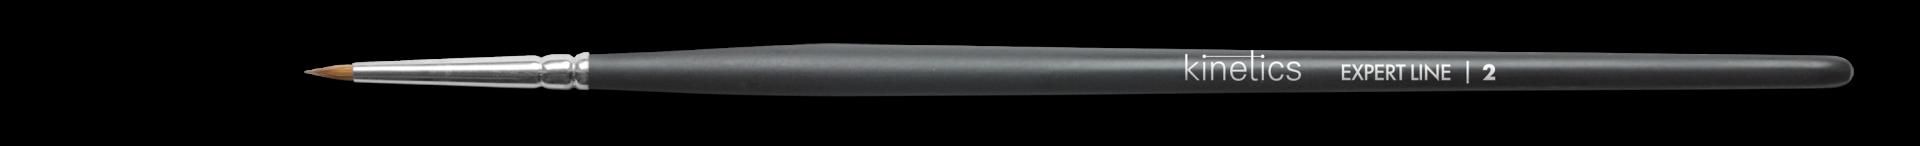 Kinetics Expert Line Nail Art Brush Size 2